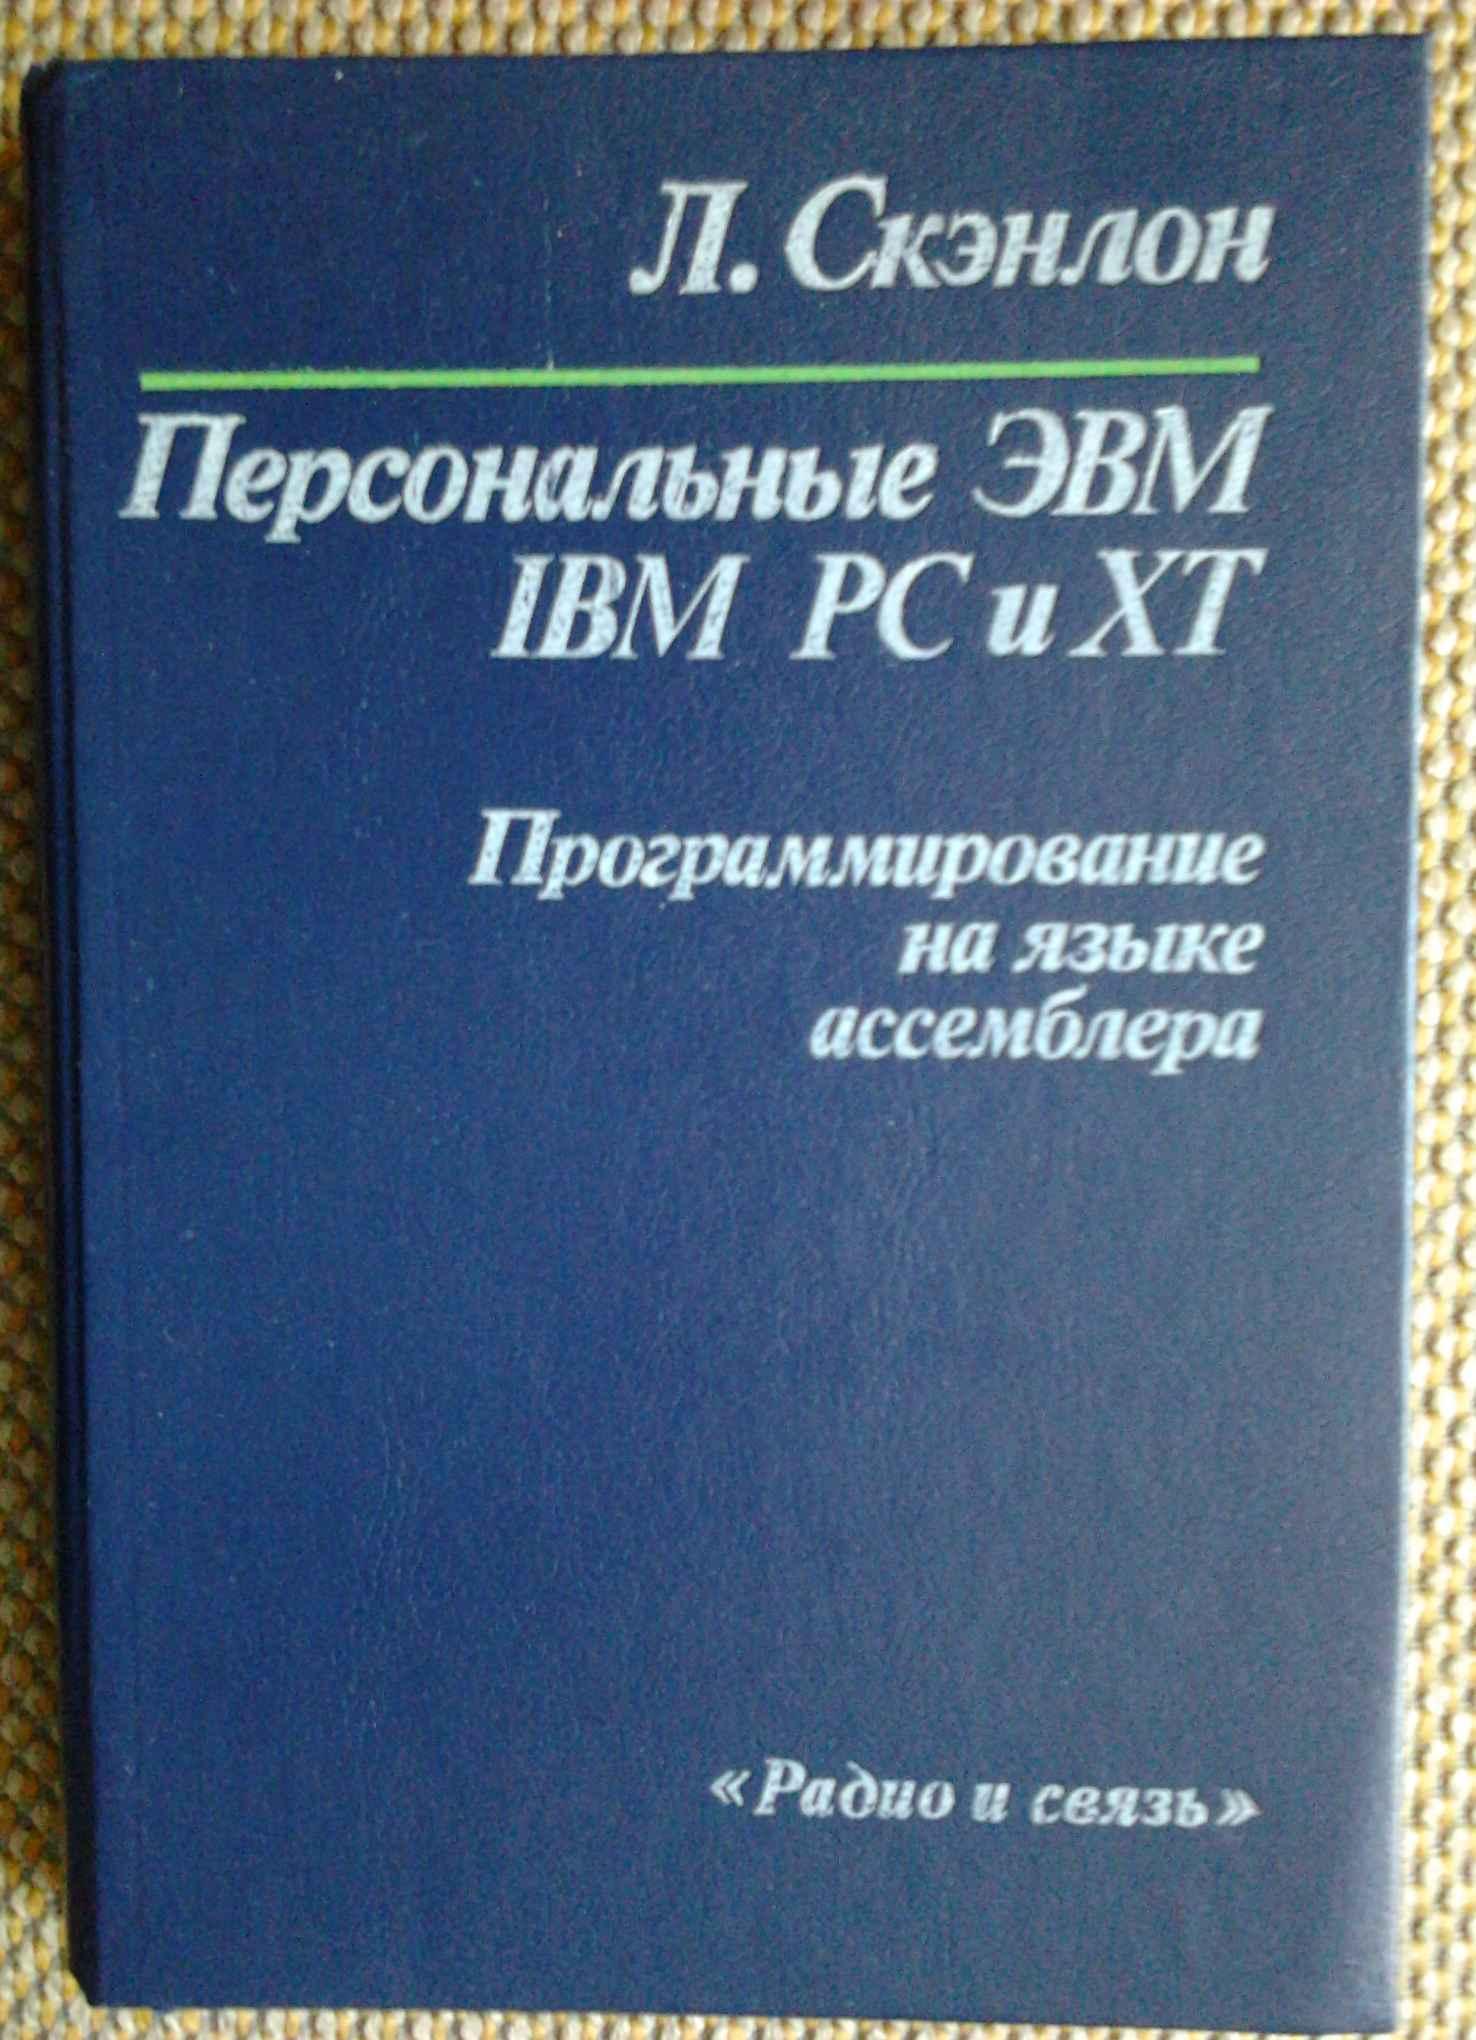 Продам Книга Программирование на яз. Ассемблера